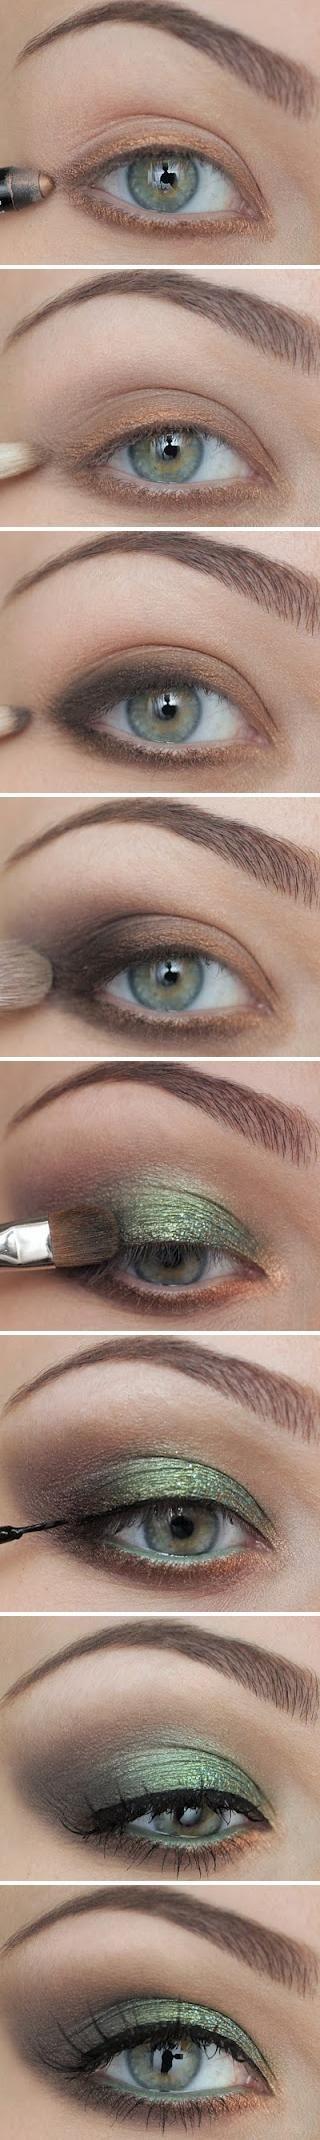 dramatic eye makeup ... pretty